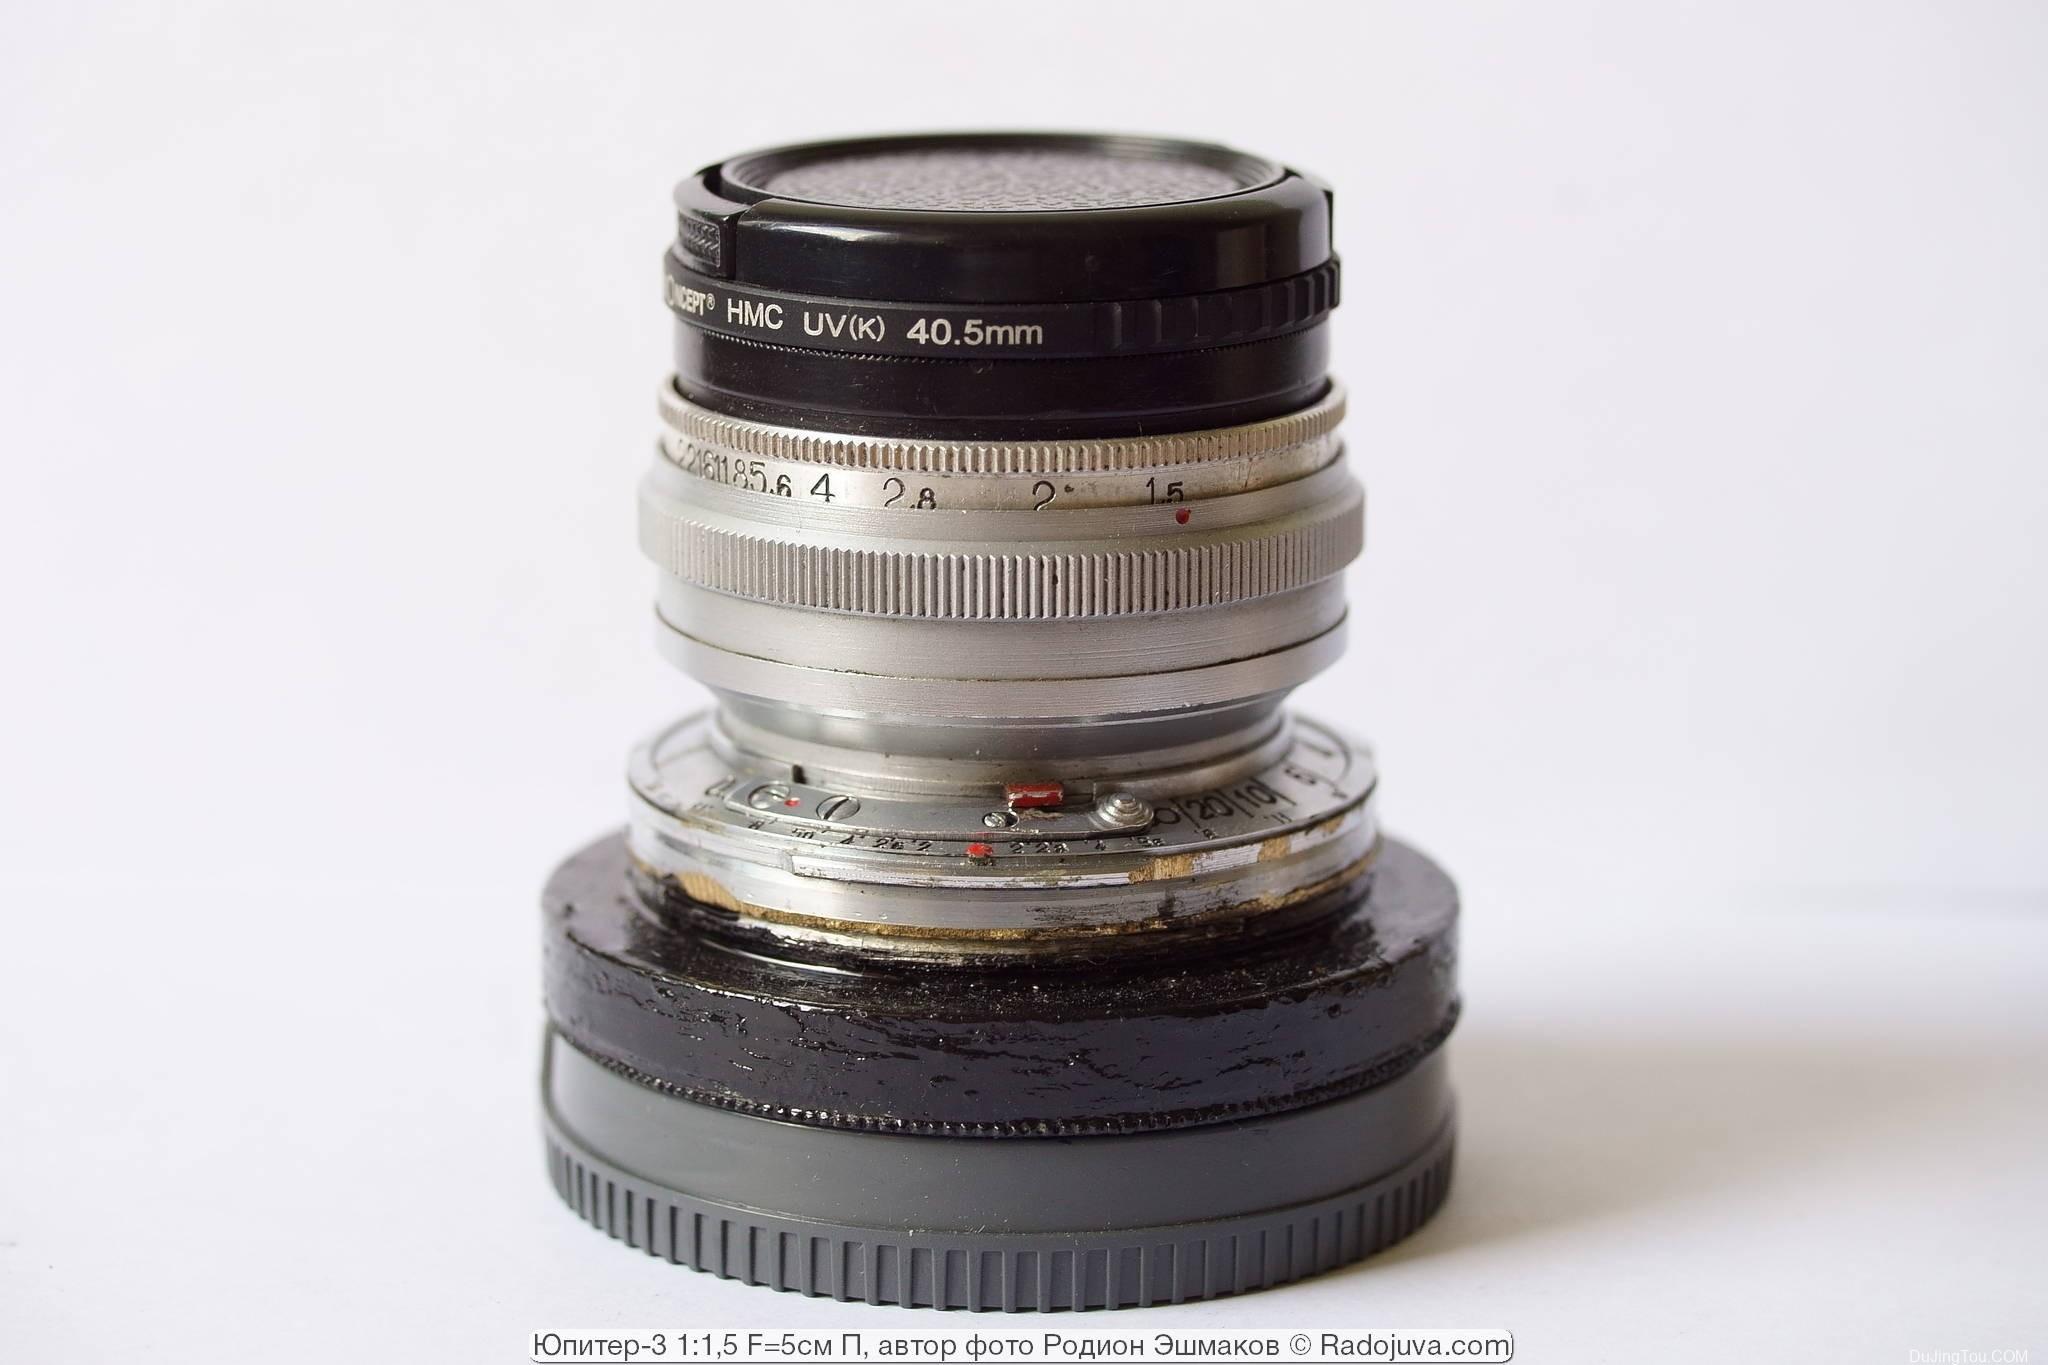 苏联镜头:Jupiter-3 1: 1,5 F = 5cm P (ZOMZ, 1963版本)  Contax RF / Kiev卡口镜头资料及样片